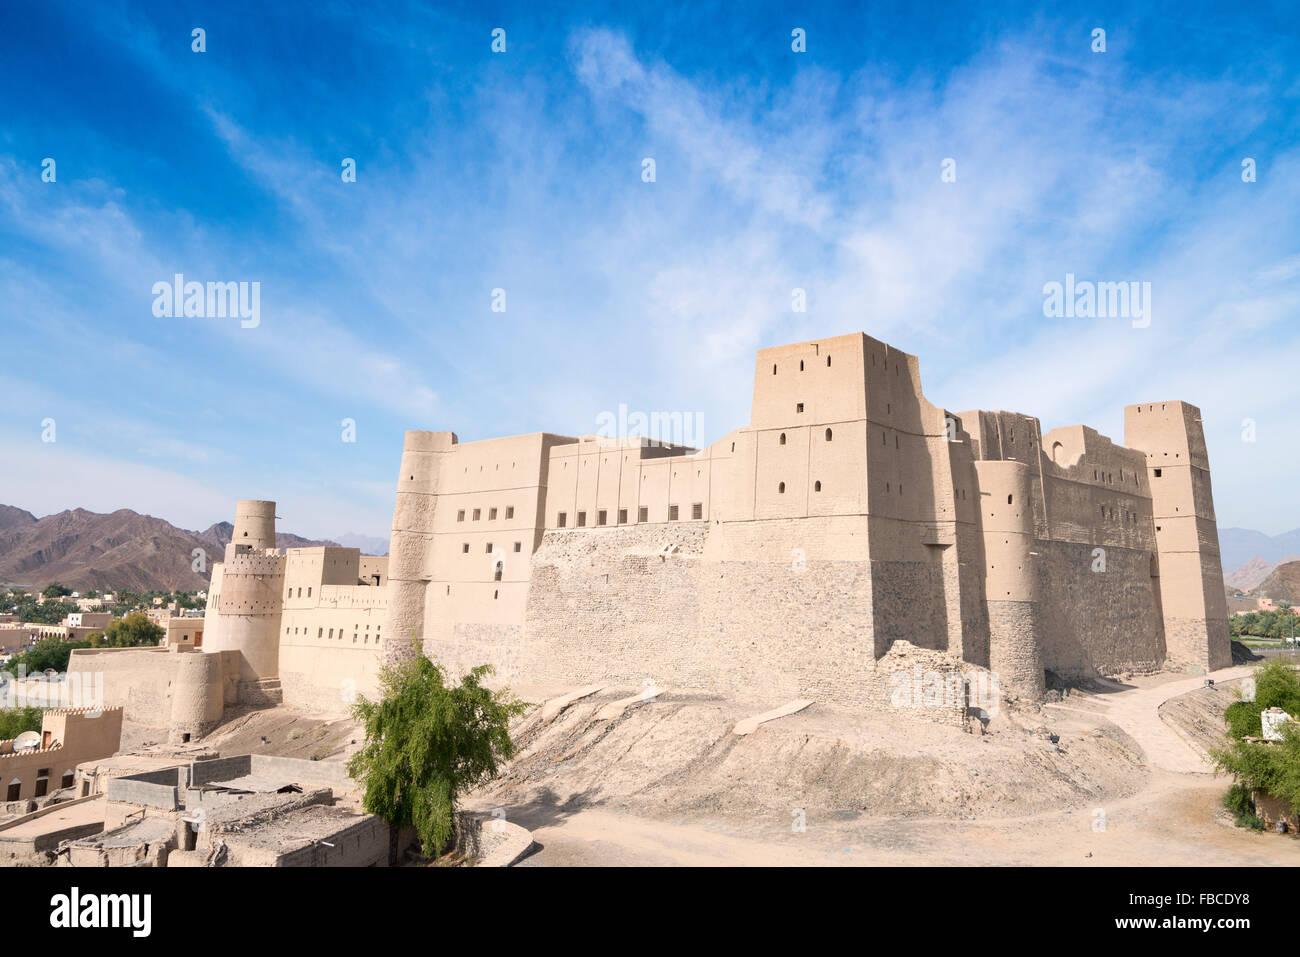 Vista esterna di Bahla Fort in Oman un Sito Patrimonio Mondiale dell'UNESCO Immagini Stock